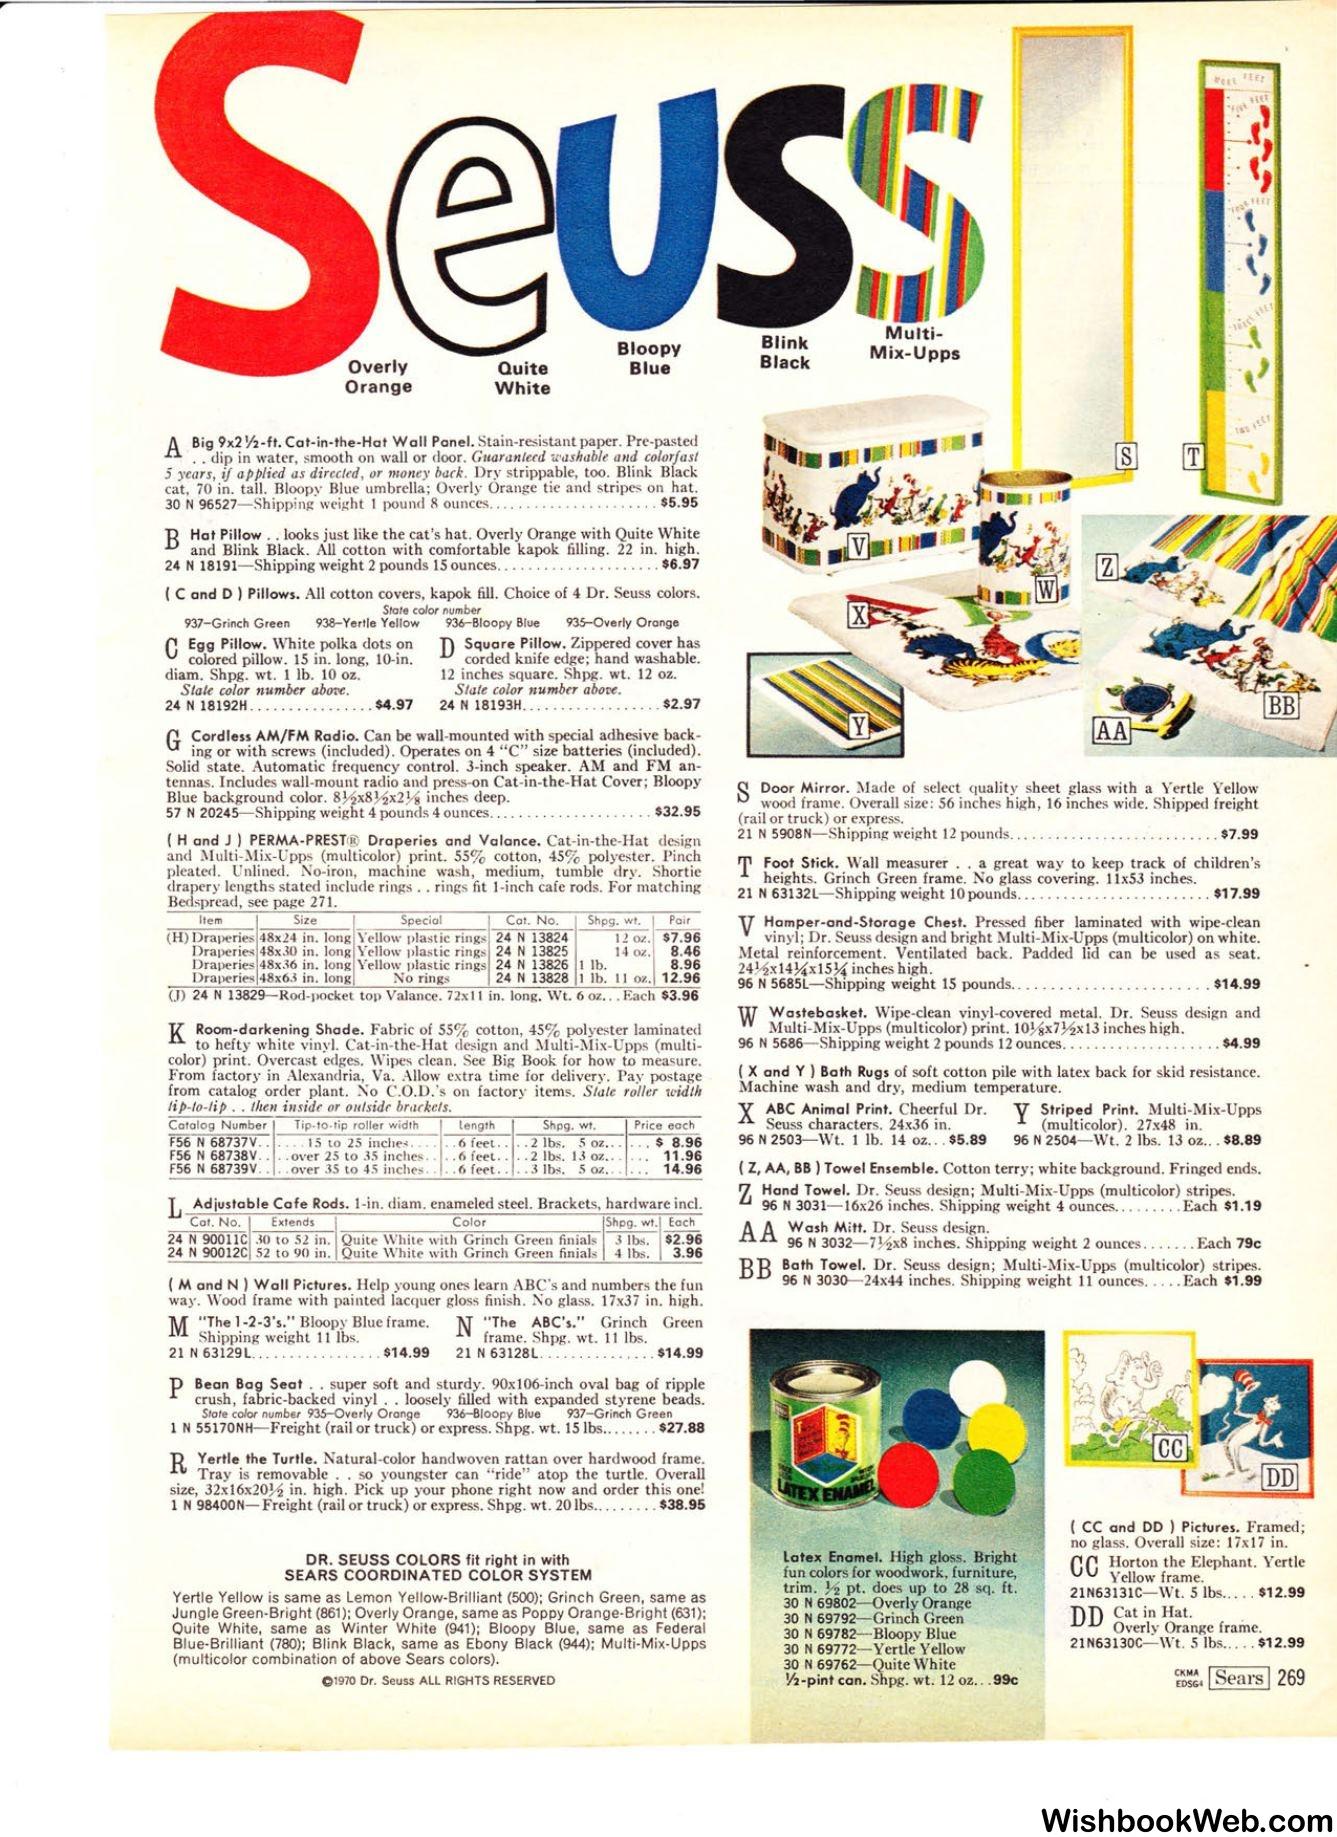 1970 sears wish book